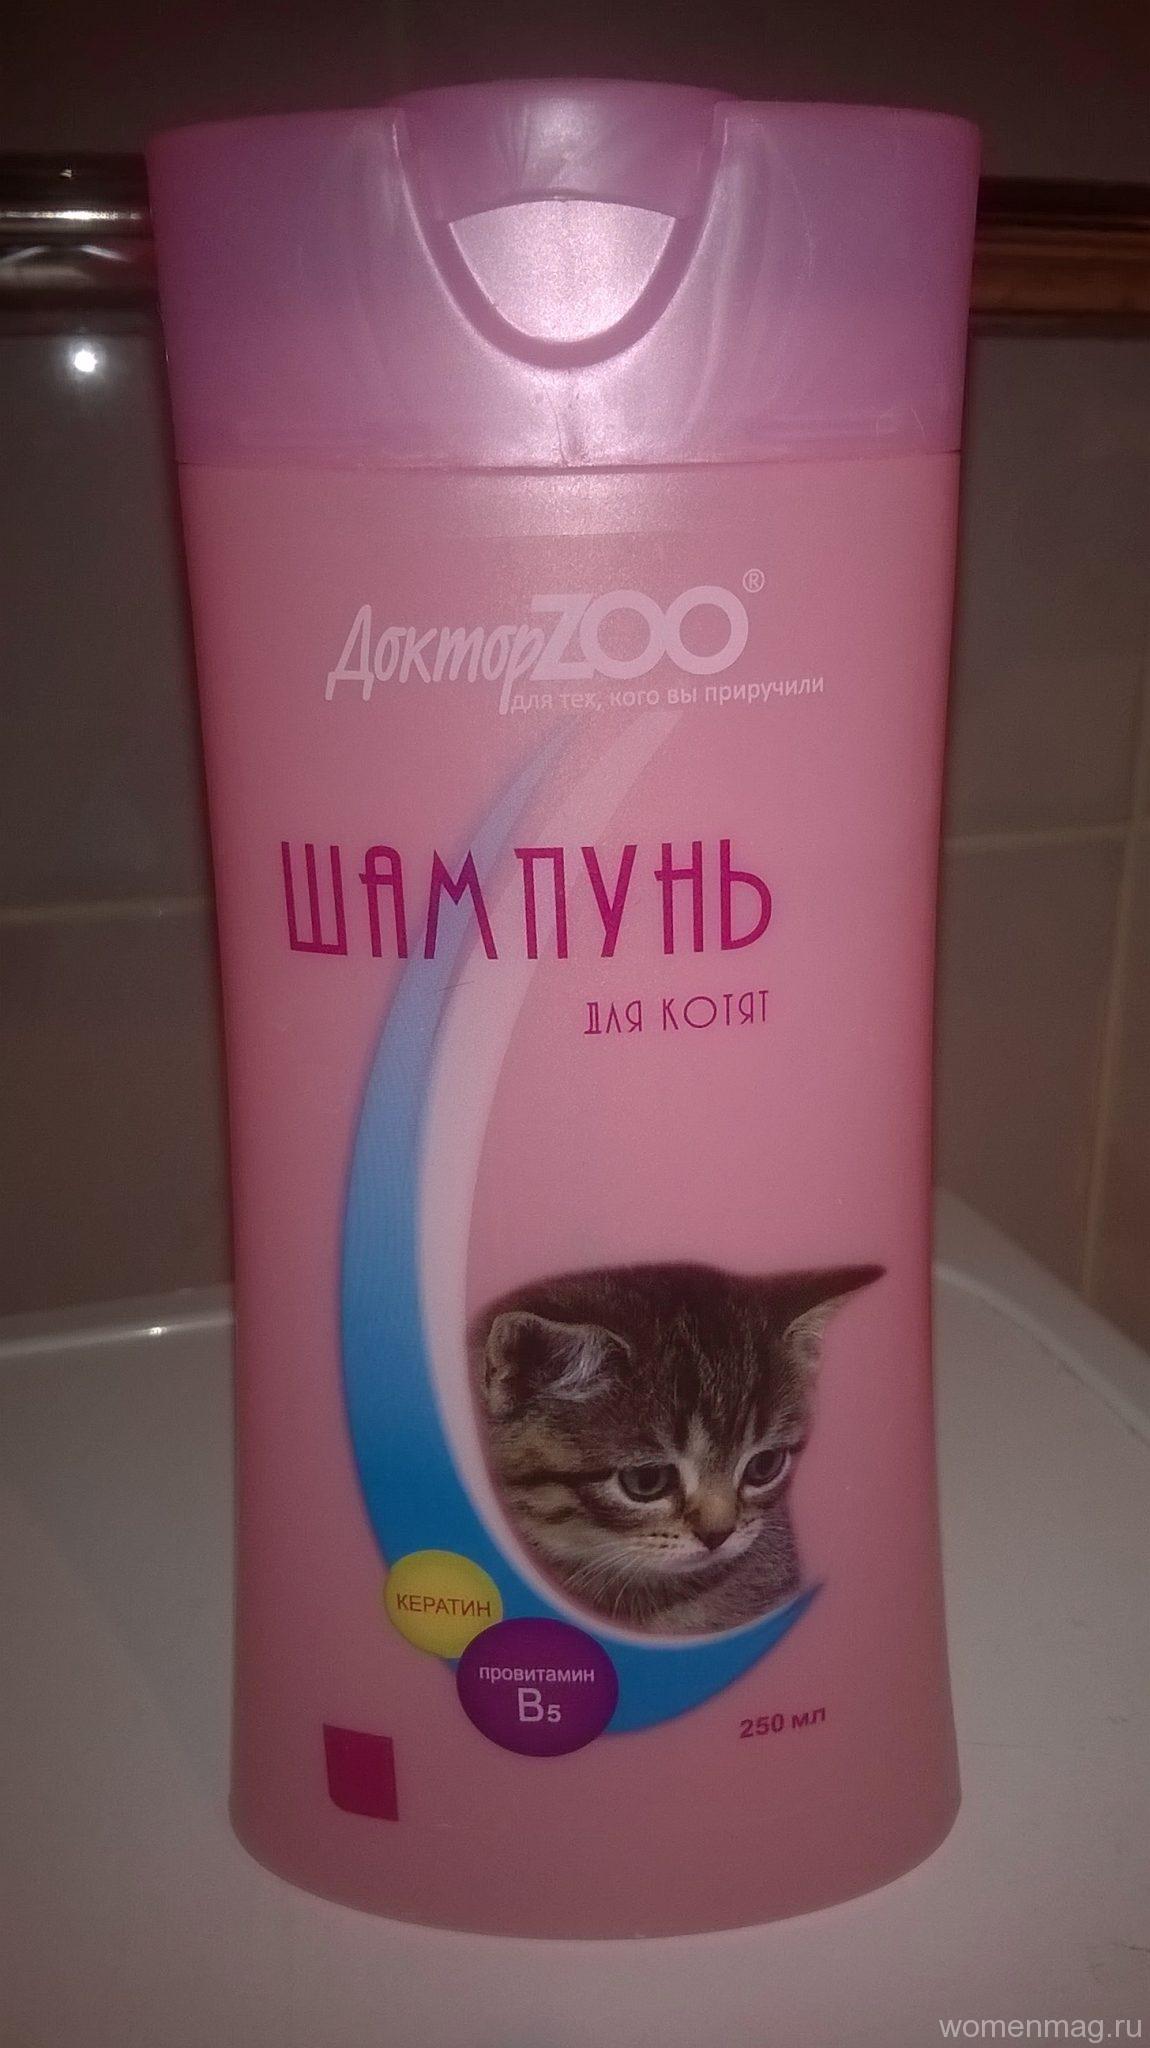 Шампунь для котят от «Доктор Zoo». Недорогое экономичное средство